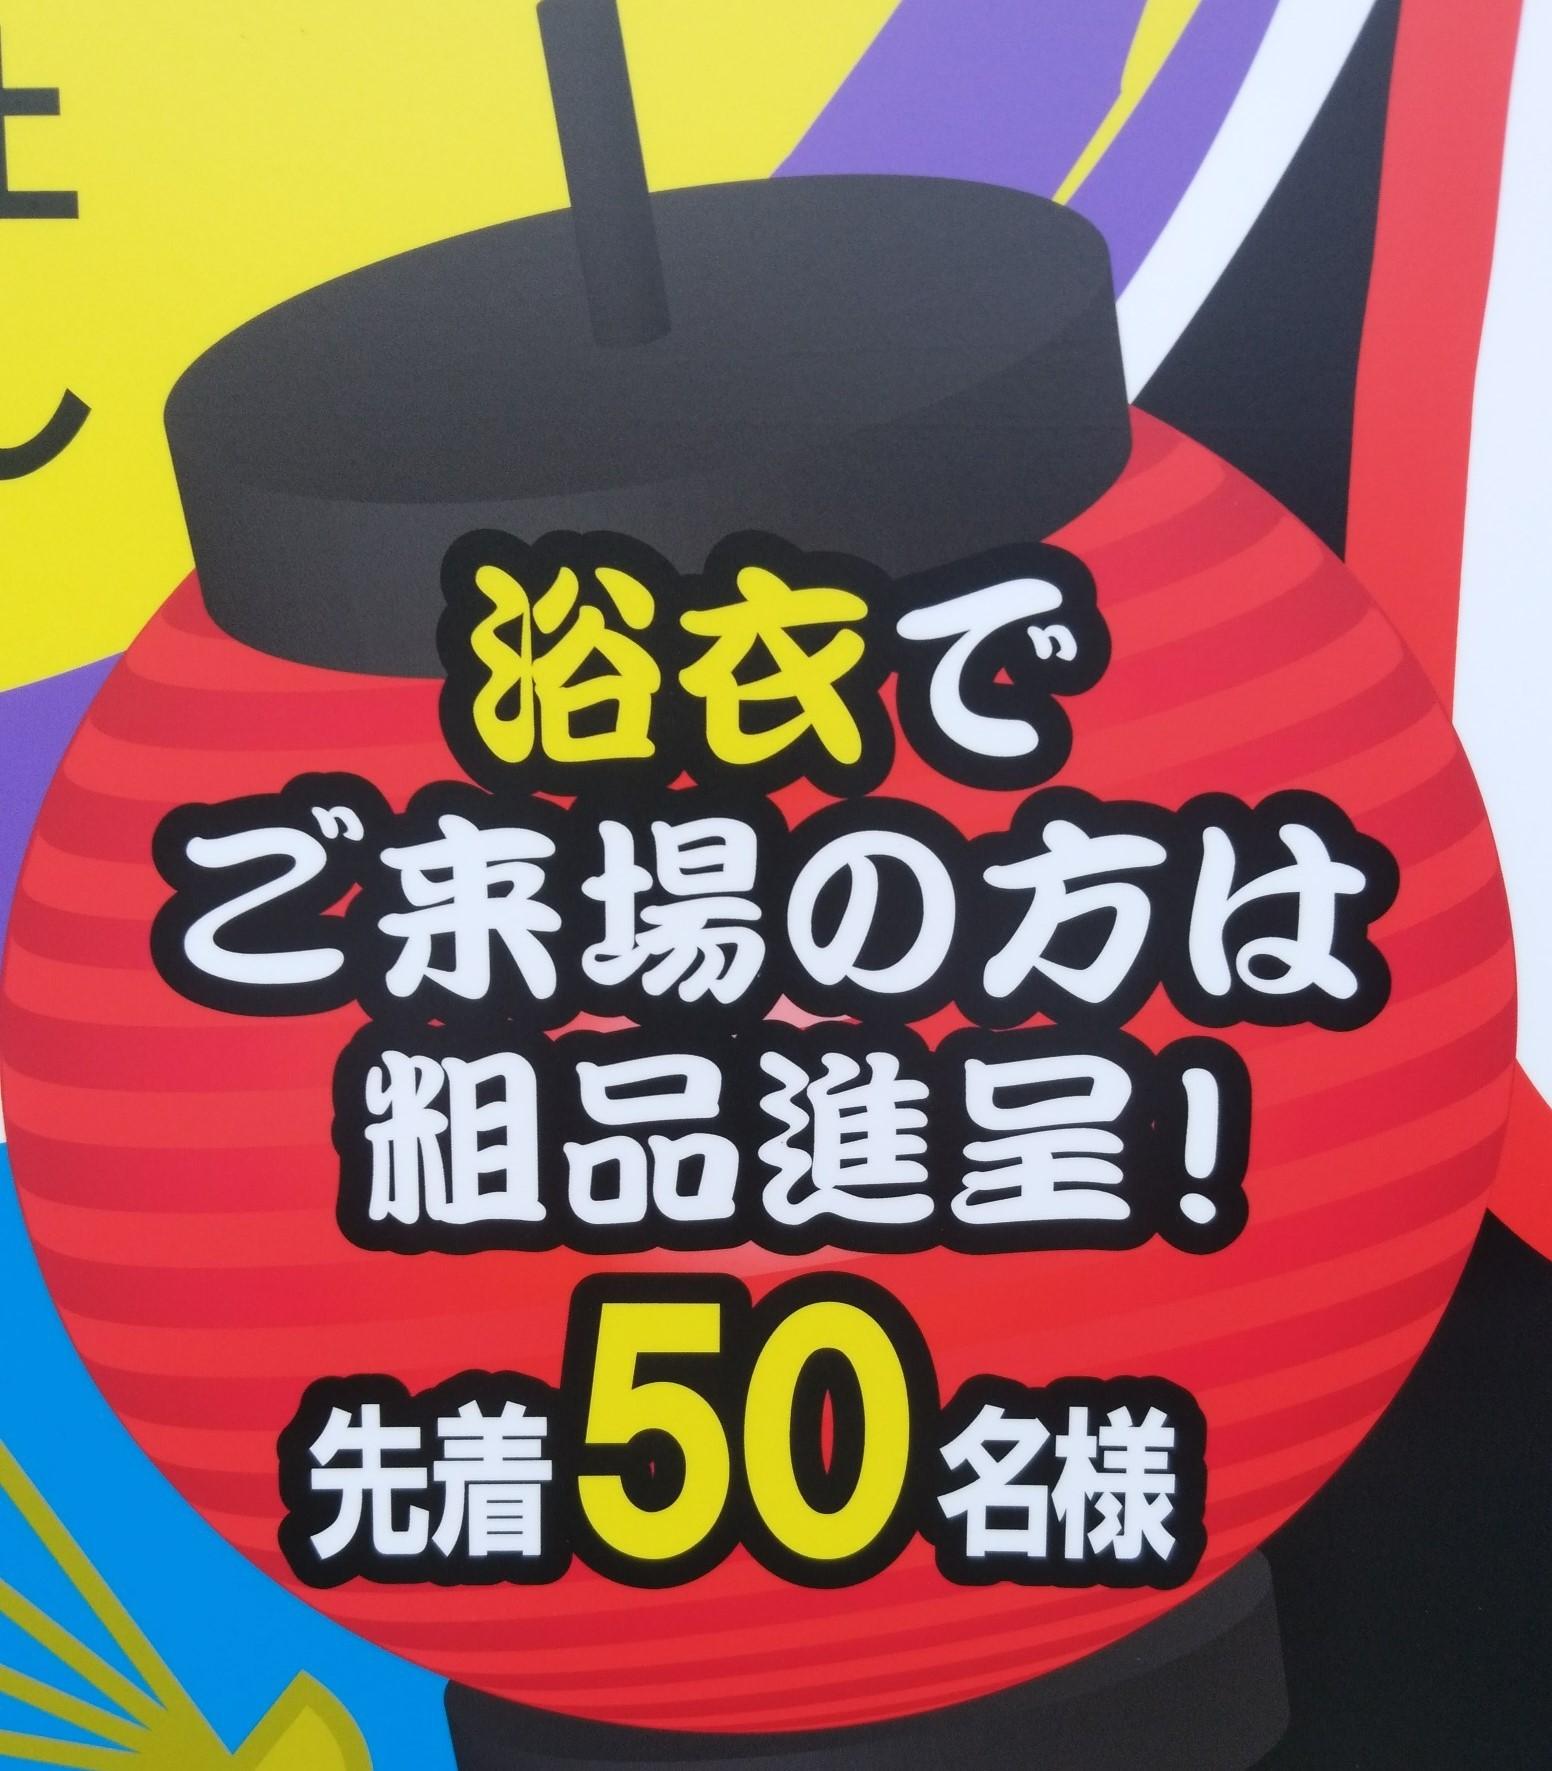 ゴスペル&キッズクラブジョイからイベントのお知らせ!_d0120628_23343069.jpg